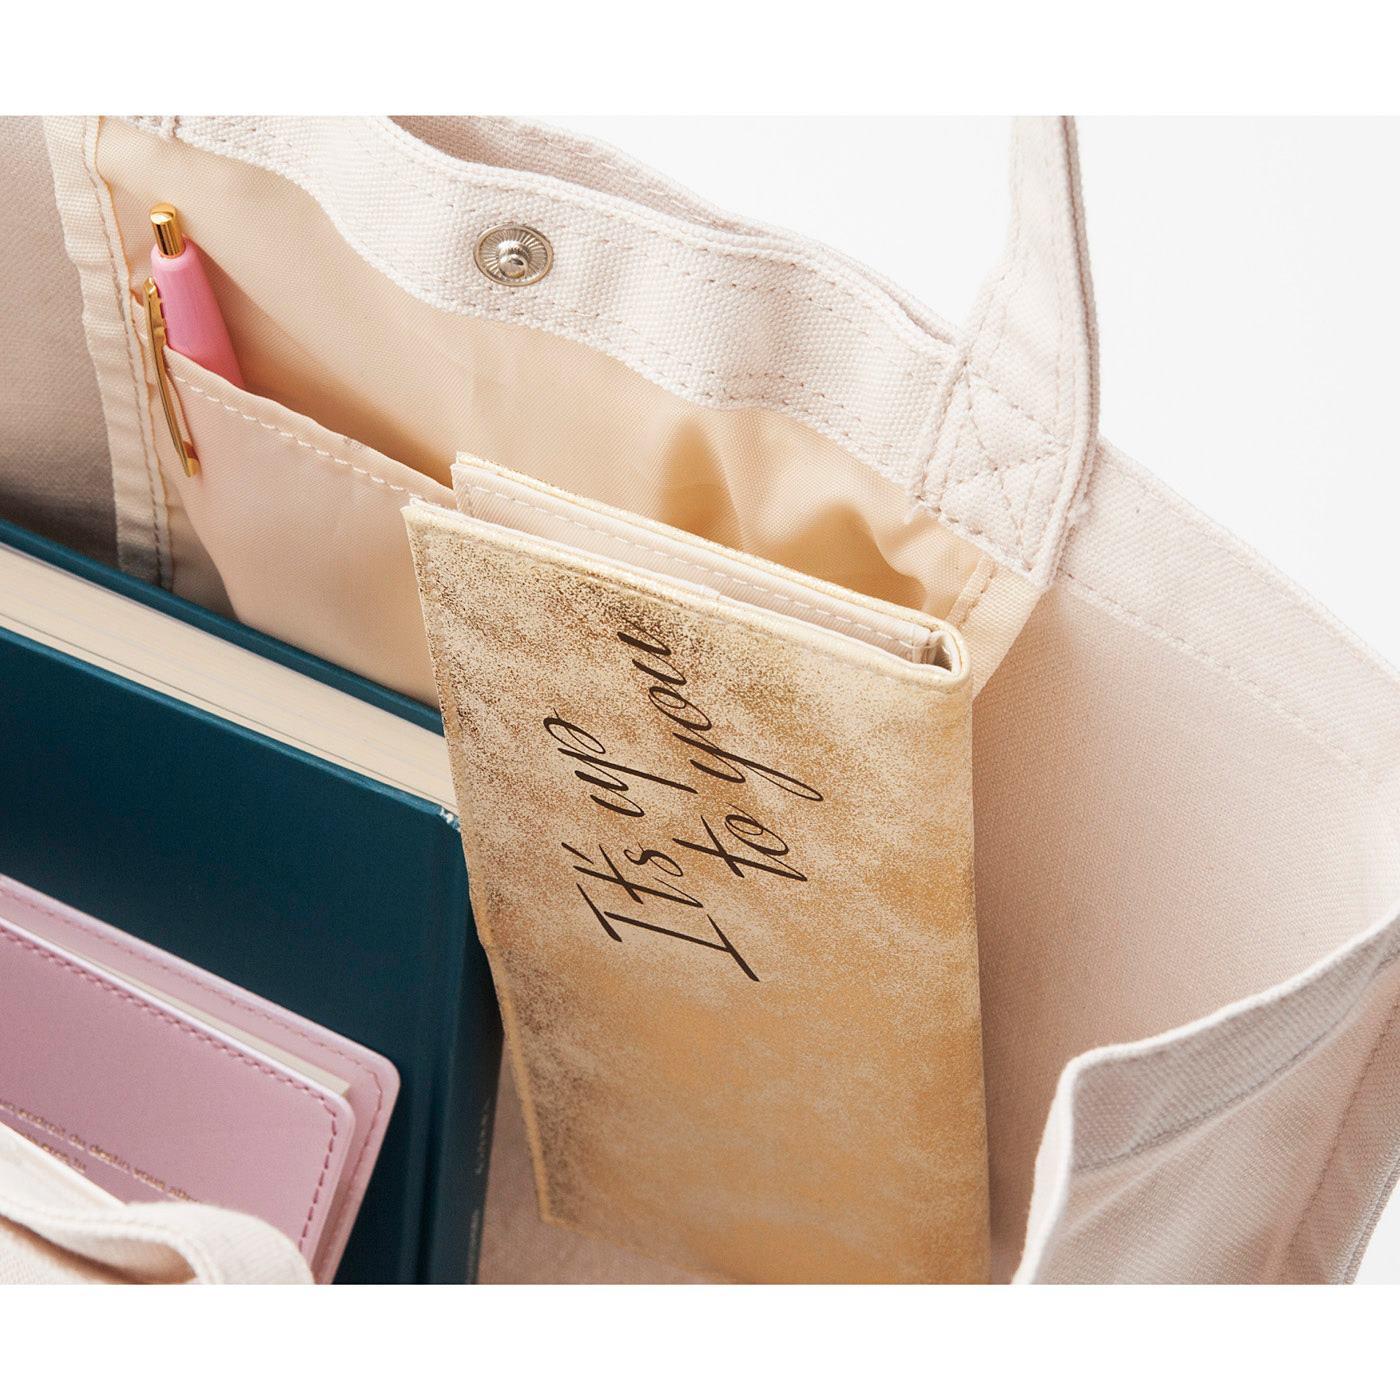 バッグの中にもセットOK。お財布に入り切らないカードをすっきり持ち運べ、レジ前でもたつかずスマート。